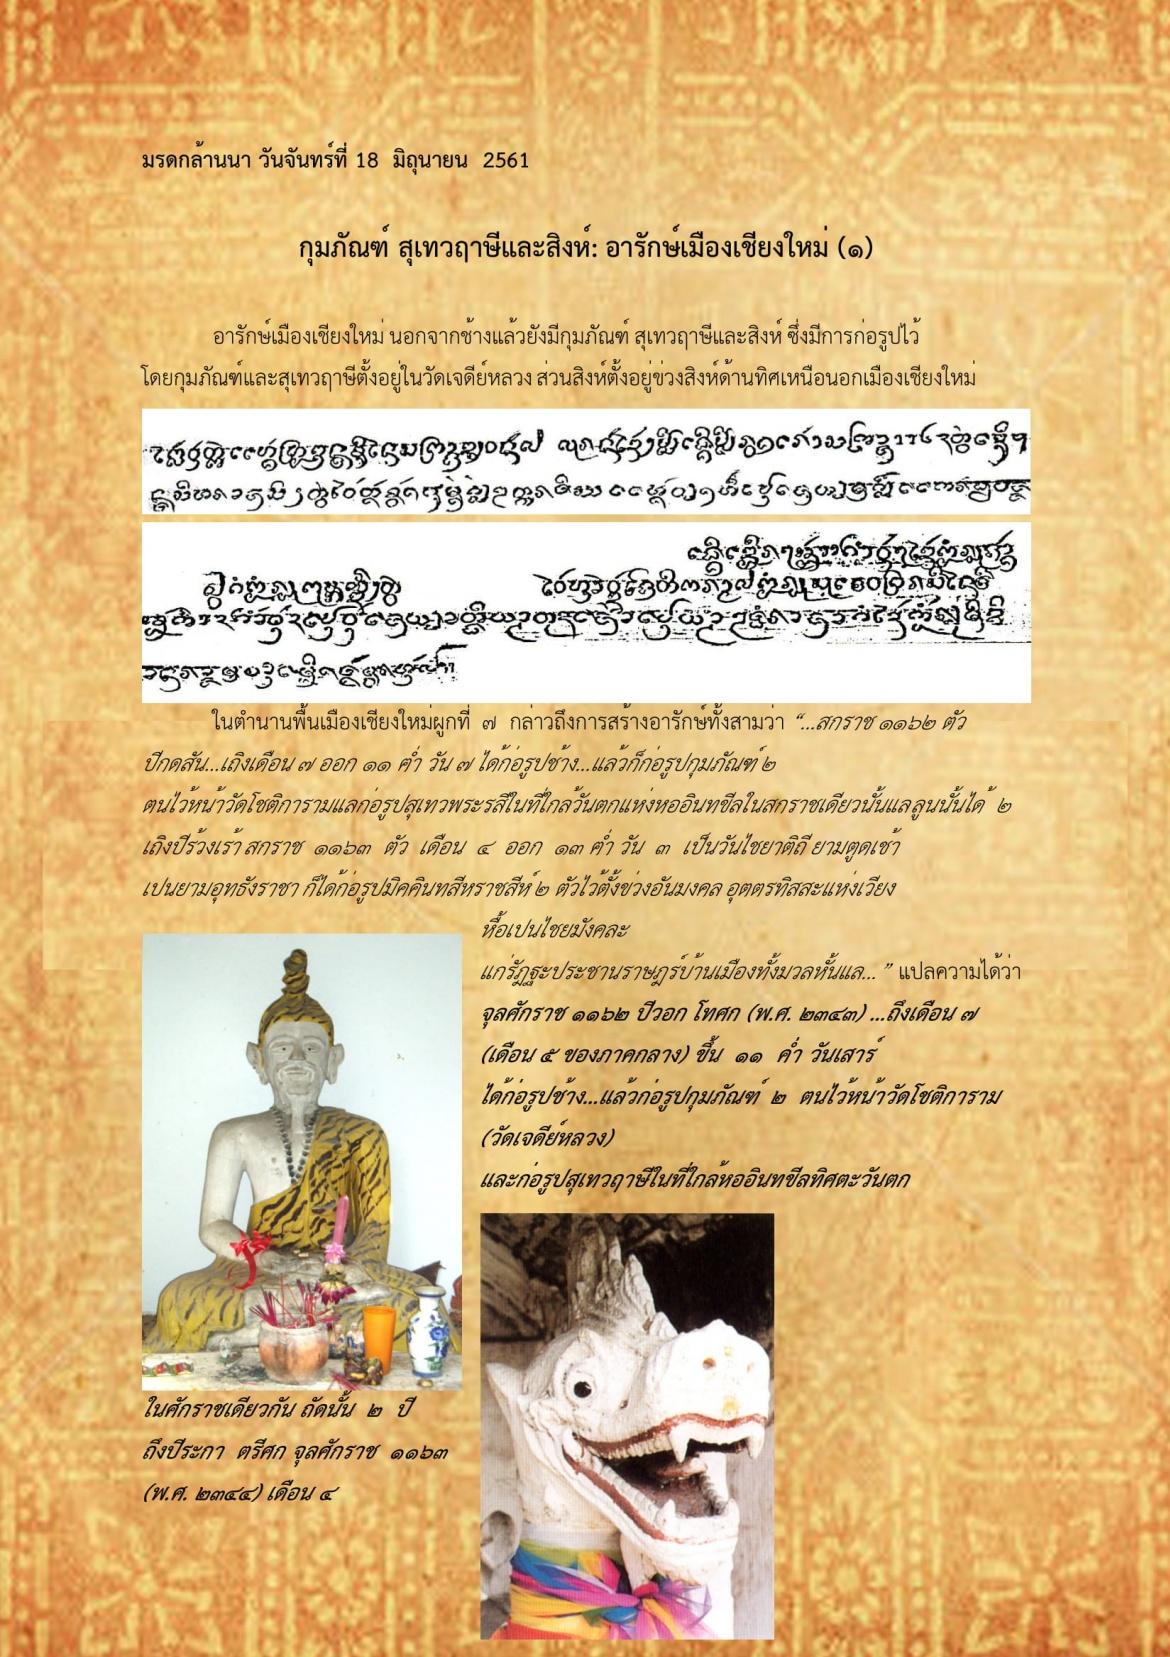 กุมภัณฑ์ สุเทวฤาษีและสิงห์: อารักษ์เมืองเชียงใหม่(1)  - 18 มิถุนายน 2561